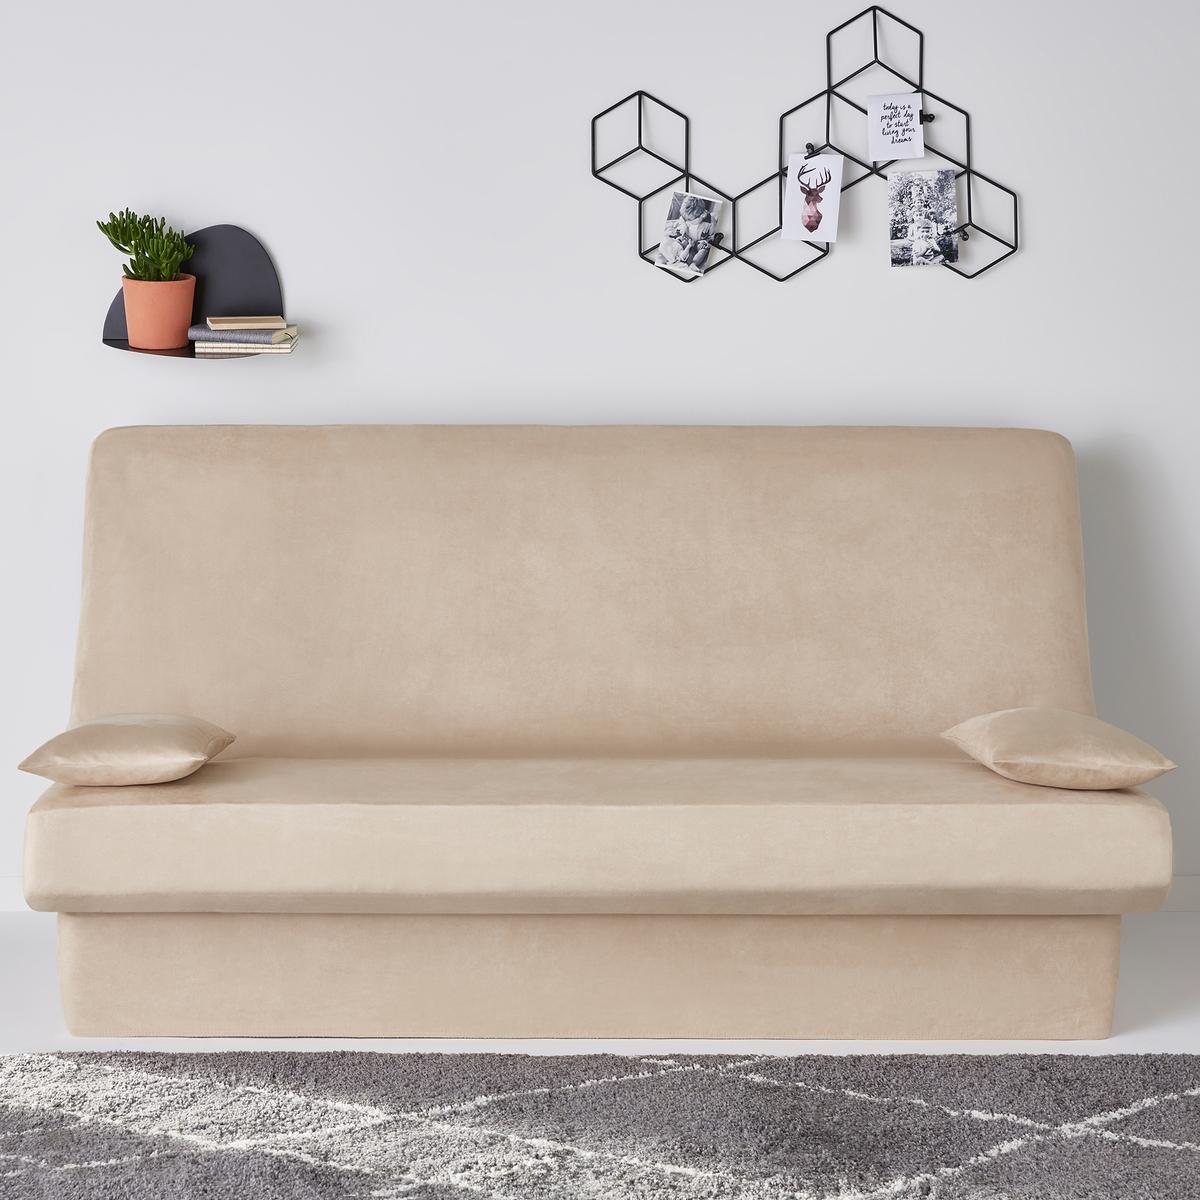 Чехол для раскладного дивана из искусственной замши, KALA